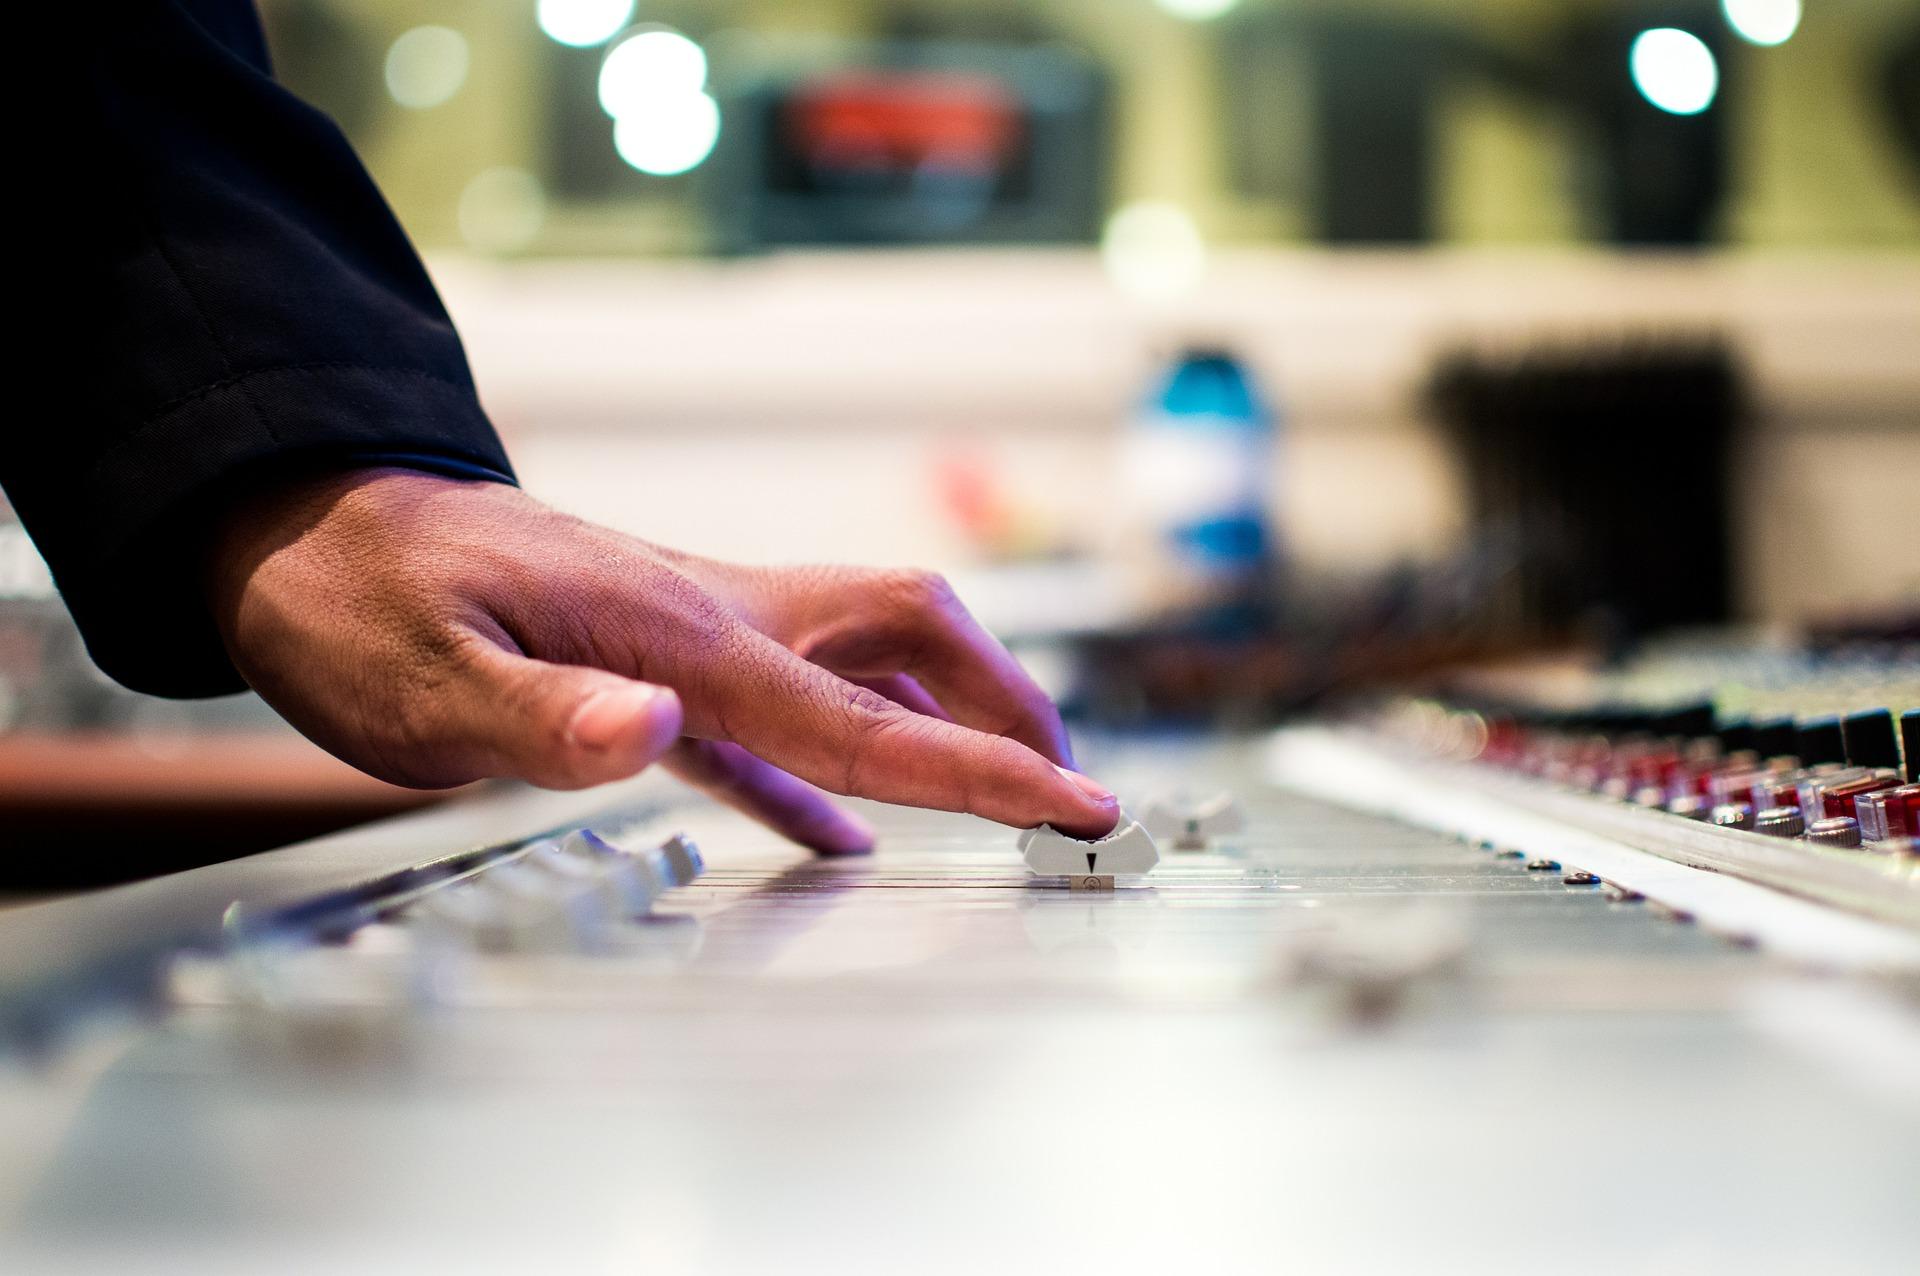 Finger DJ am Mischpult auf Veranstaltung